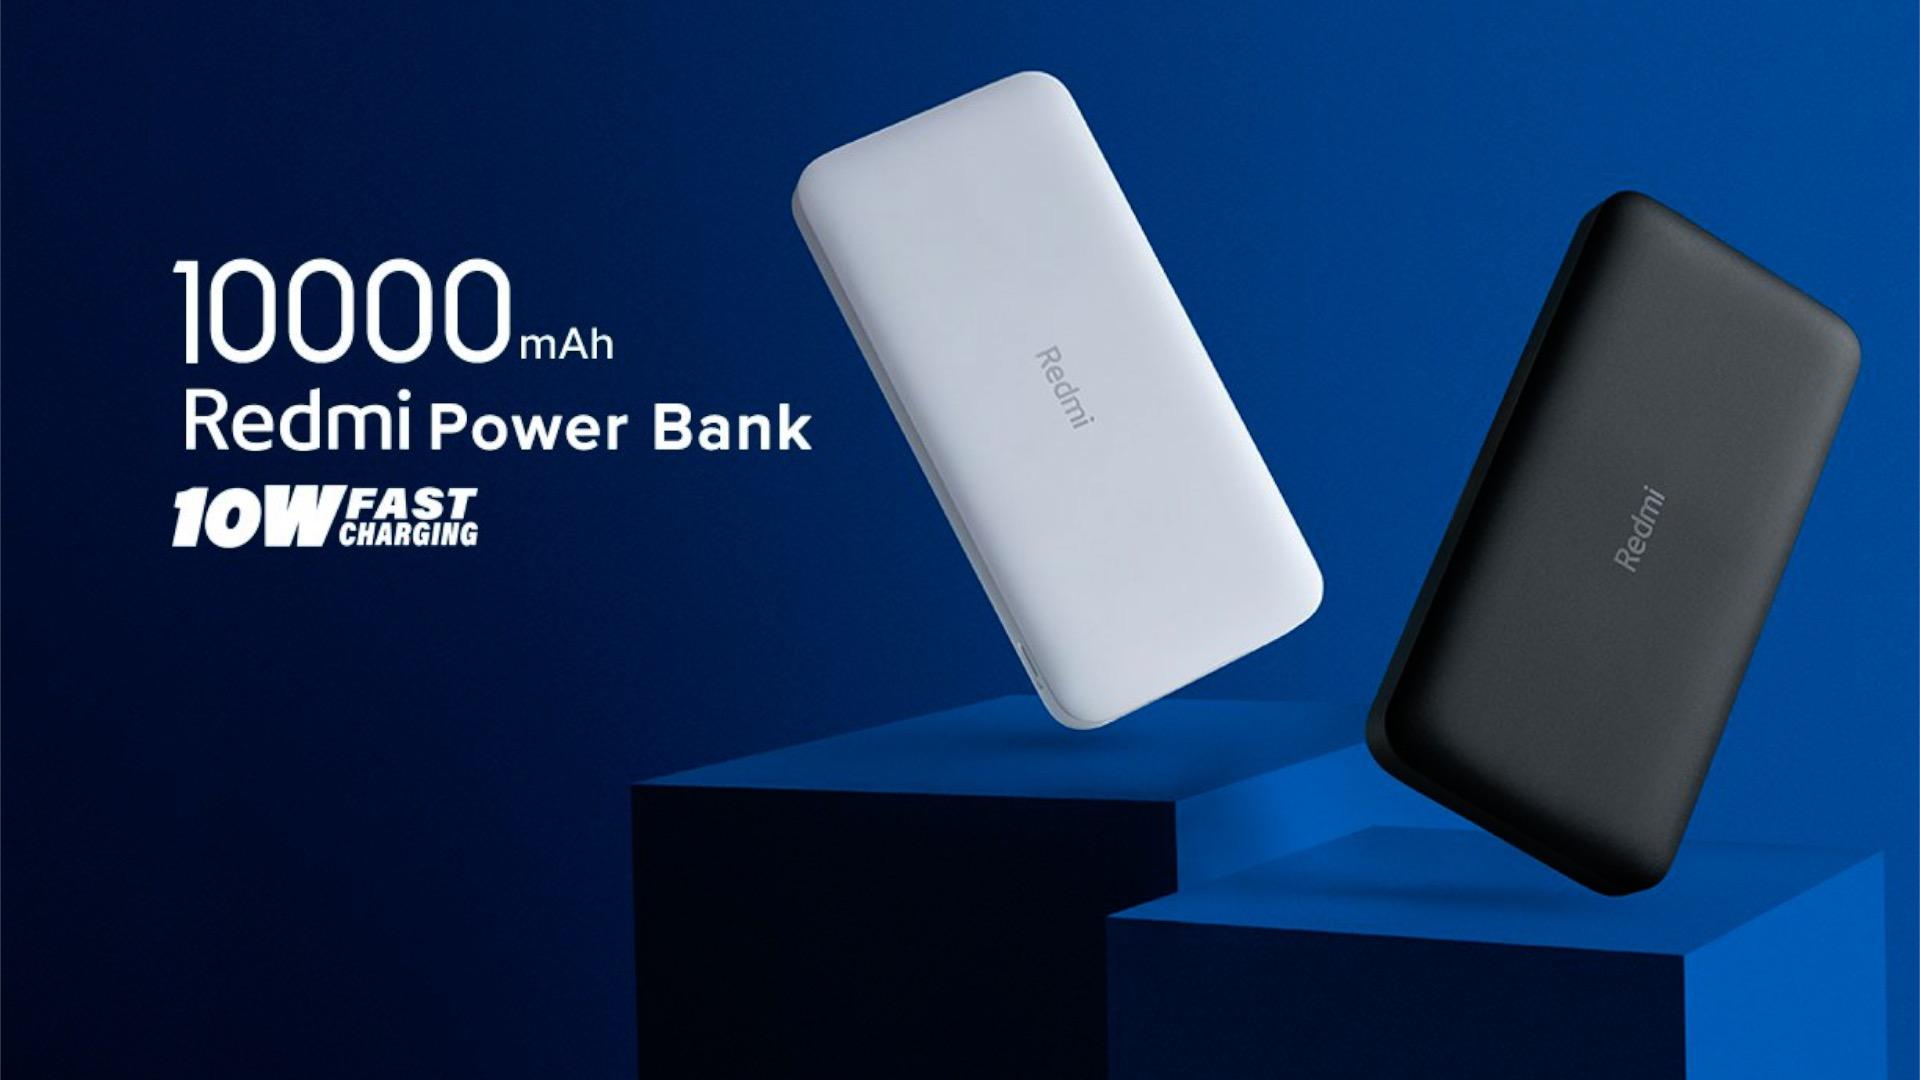 redmi powerbank